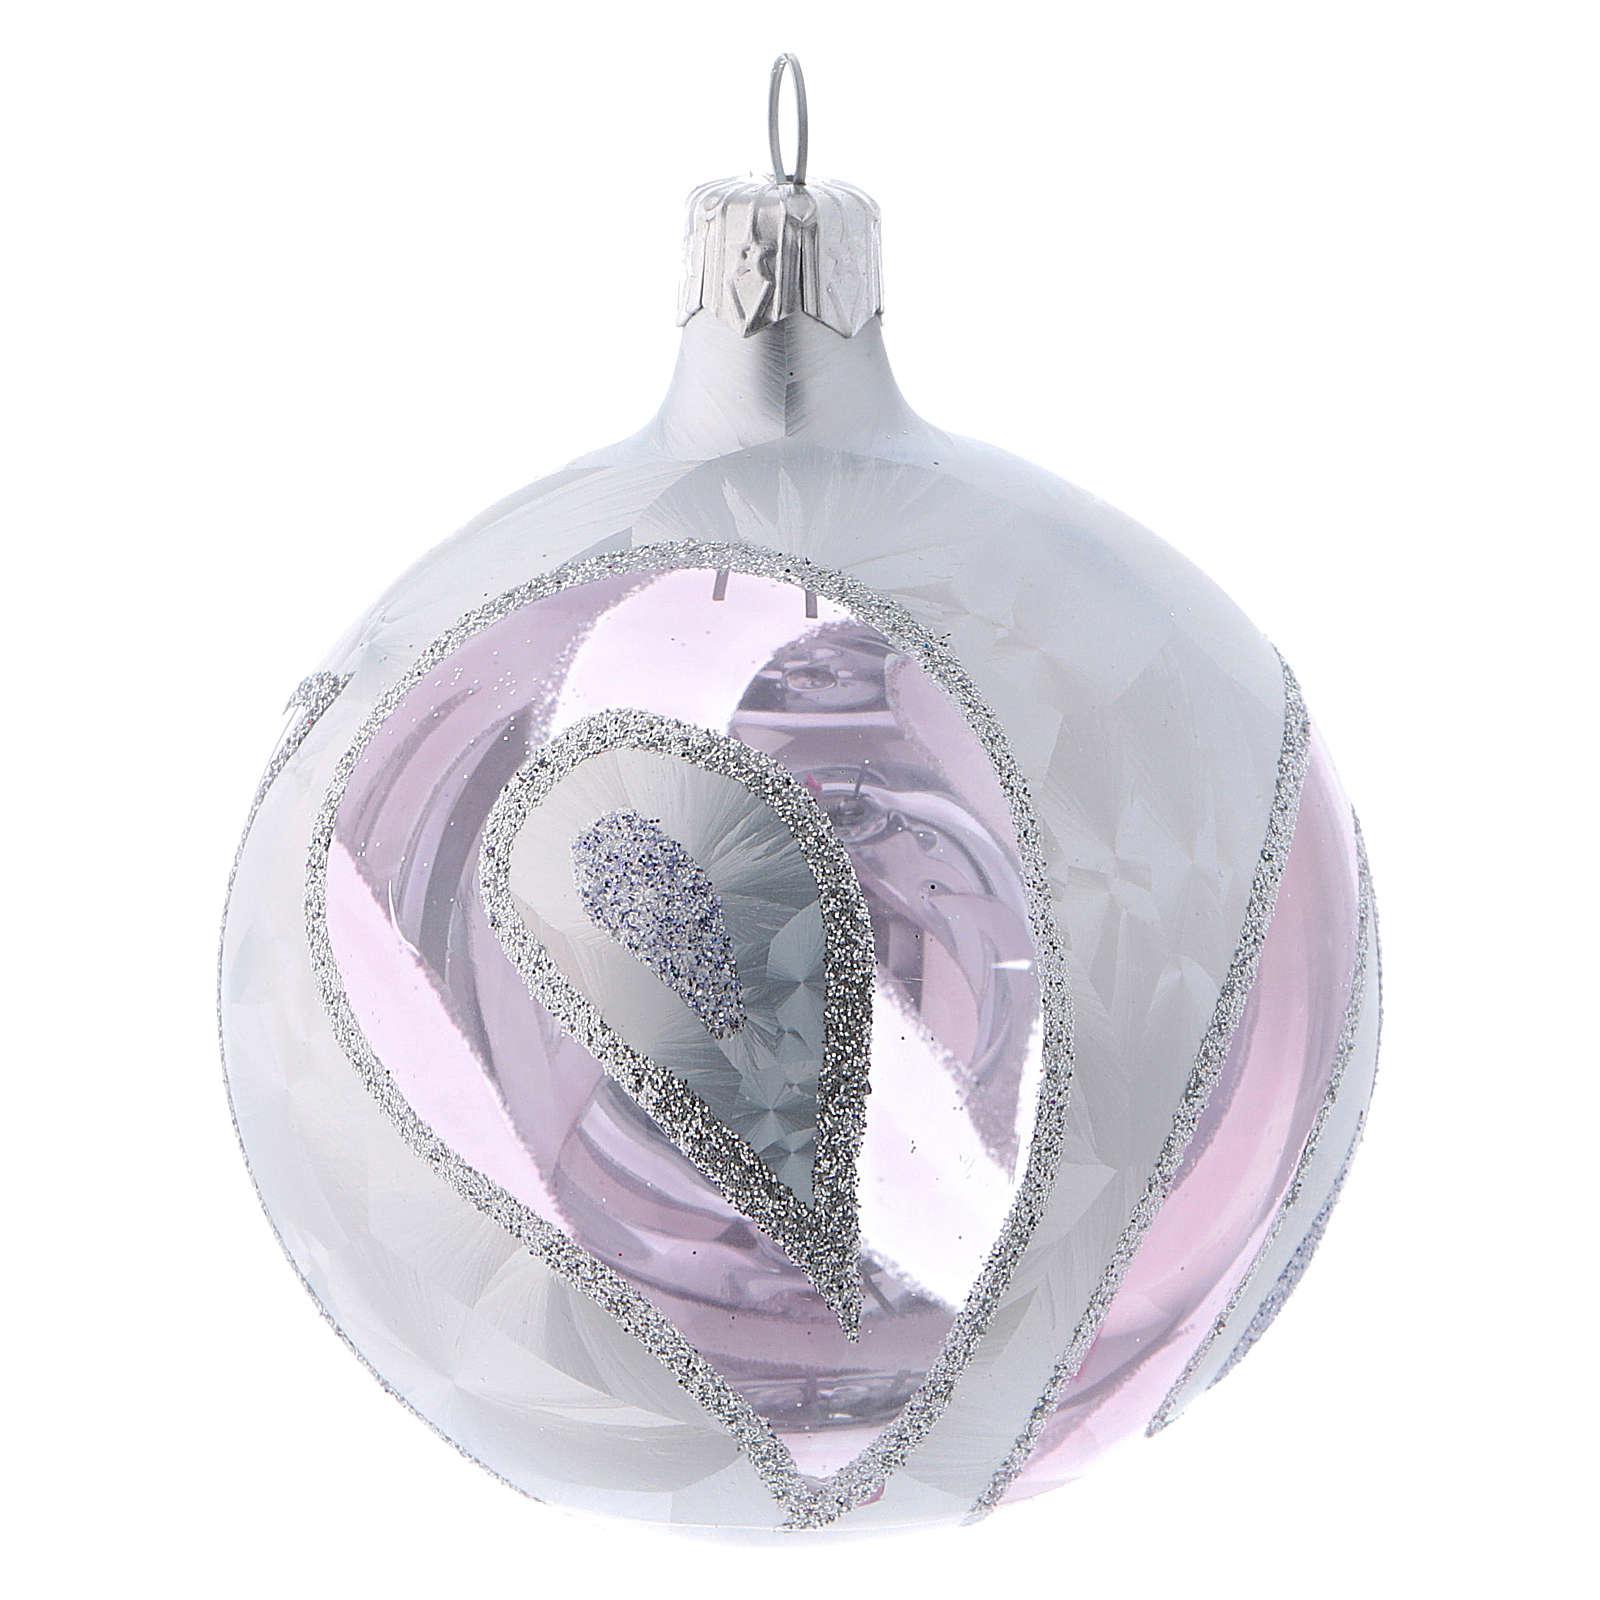 Weihnachtskugeln aus transparentem Glas 4er-Set mit Verzierungen im Eiseffekt 80 mm 4